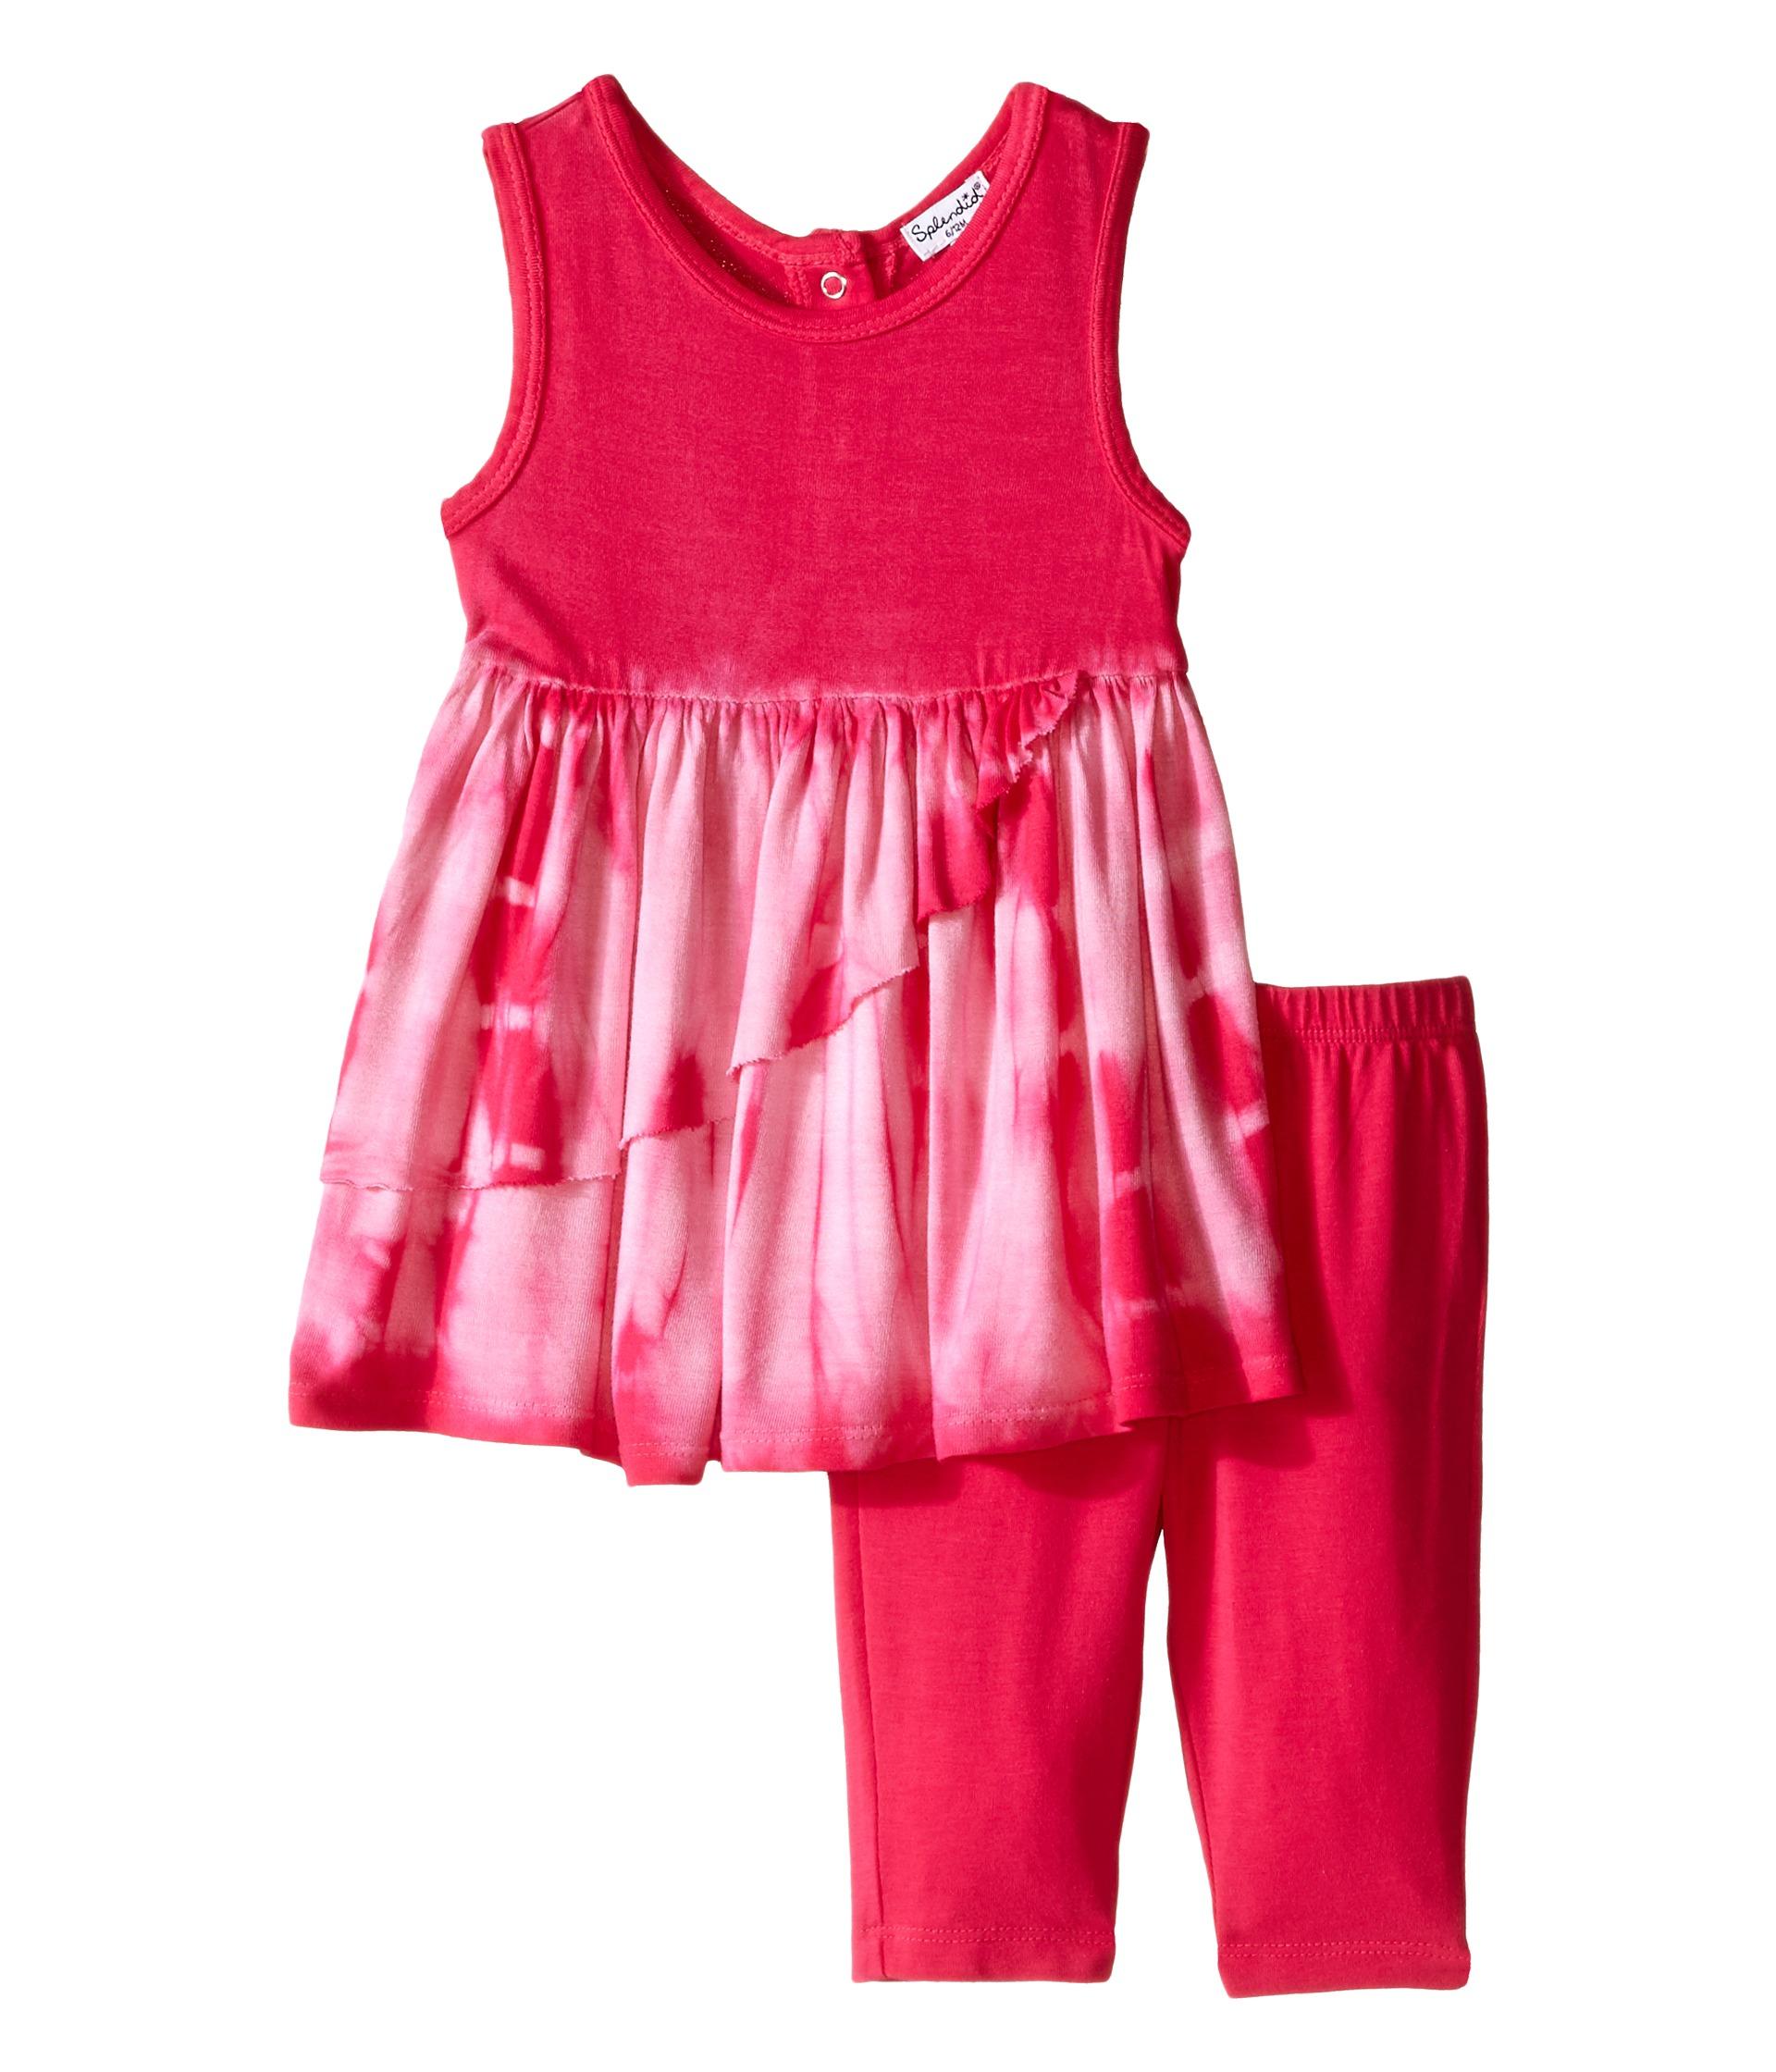 Splendid littles tie dye dress pants set infant zappos for Splendid infant